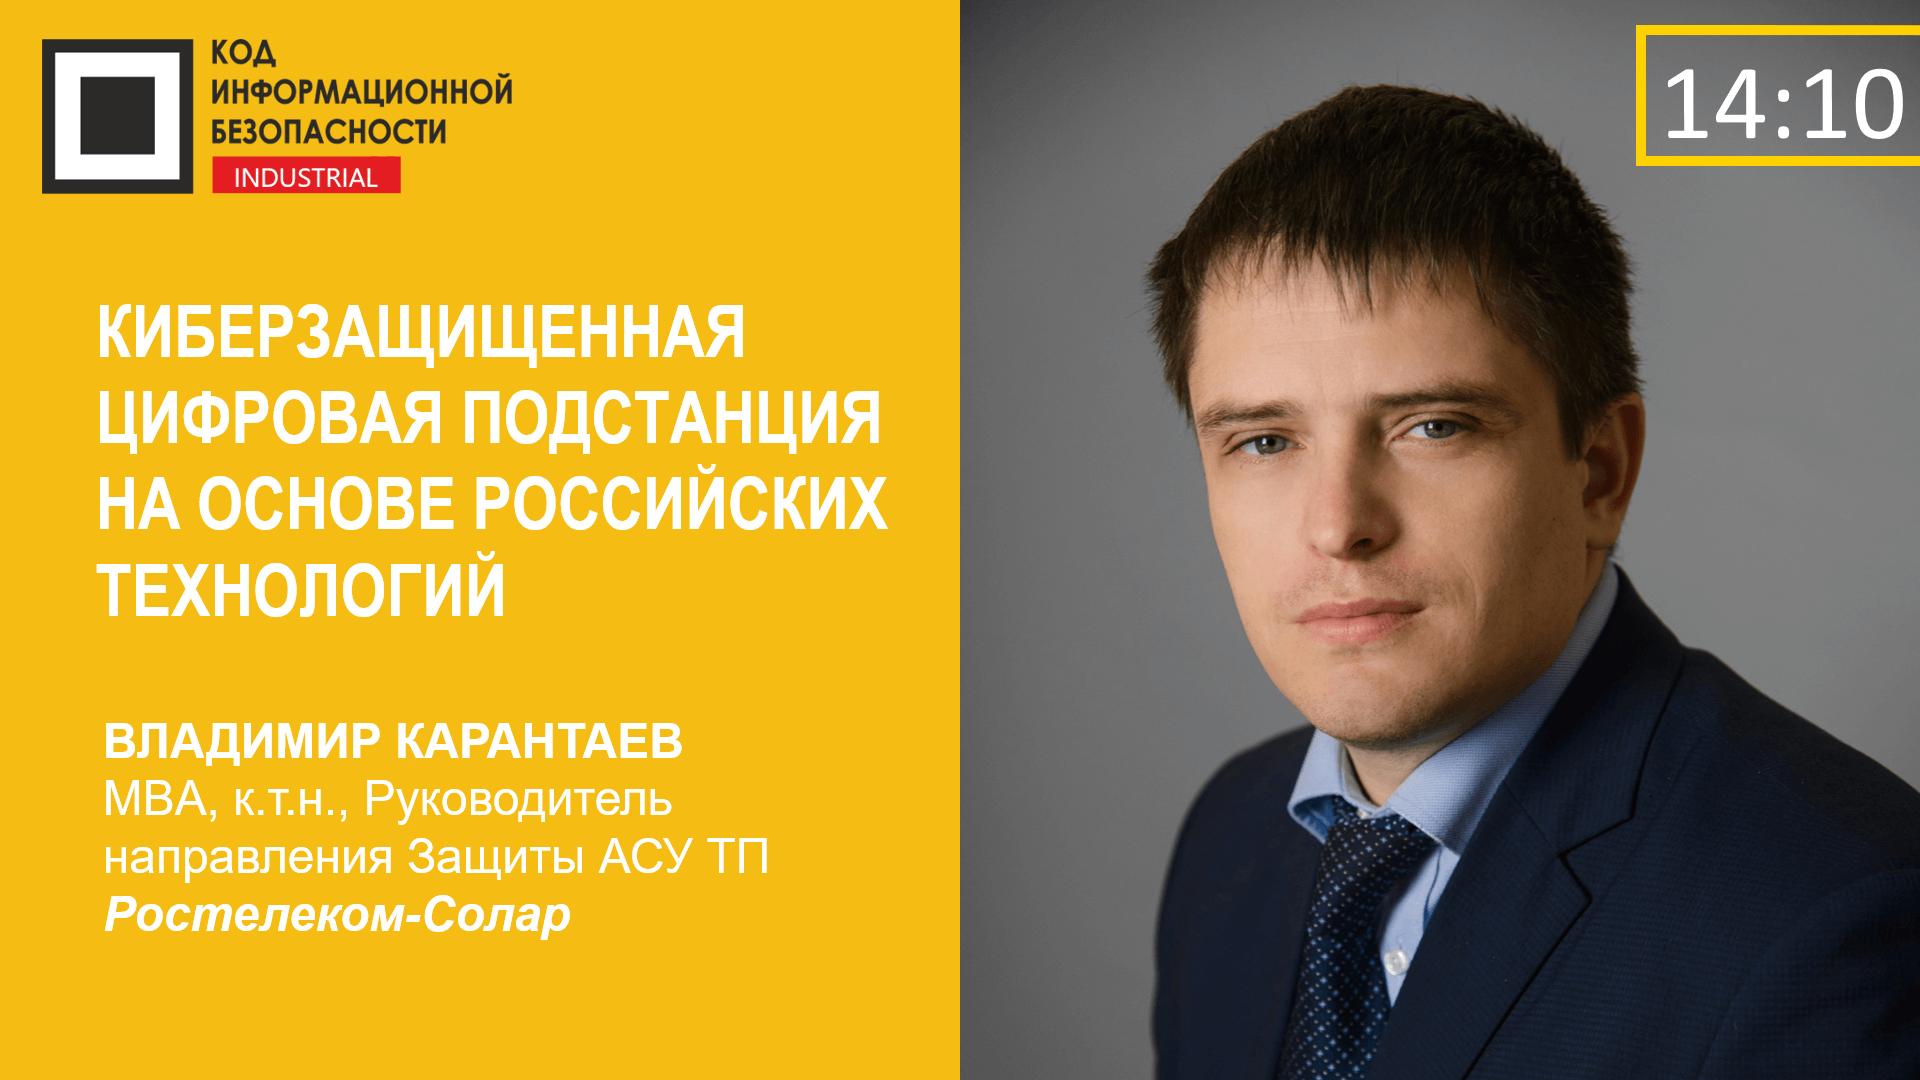 Киберзащищенная цифровая подстанция на основе российских технологий